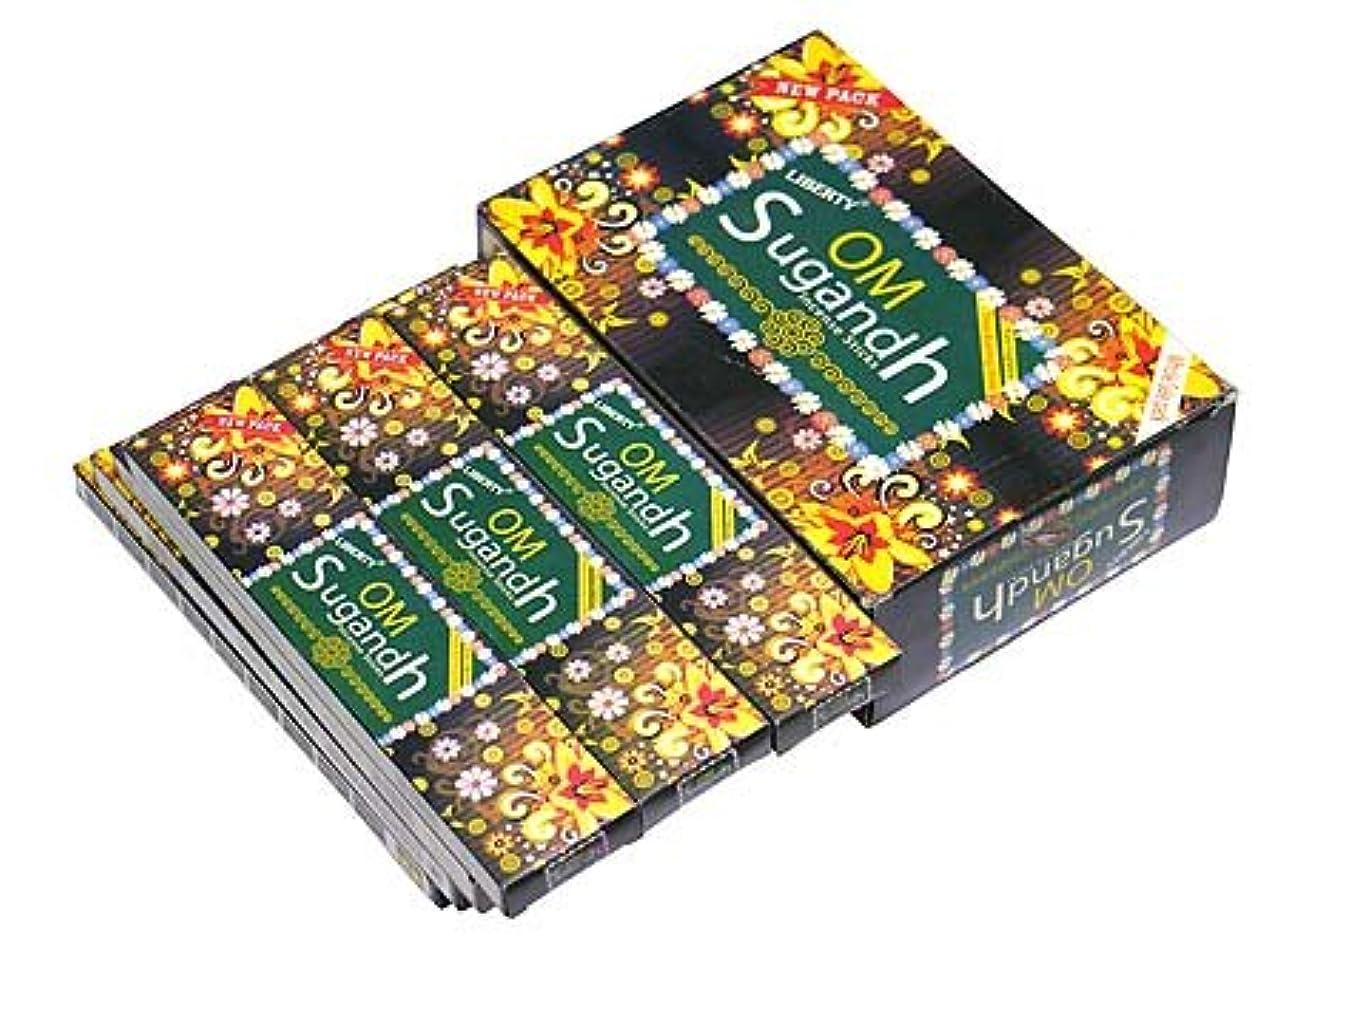 対立ずるい好ましいLIBERTY'S(リバティーズ) オムスガンダ香 スティック OMSUGANDH 12箱セット